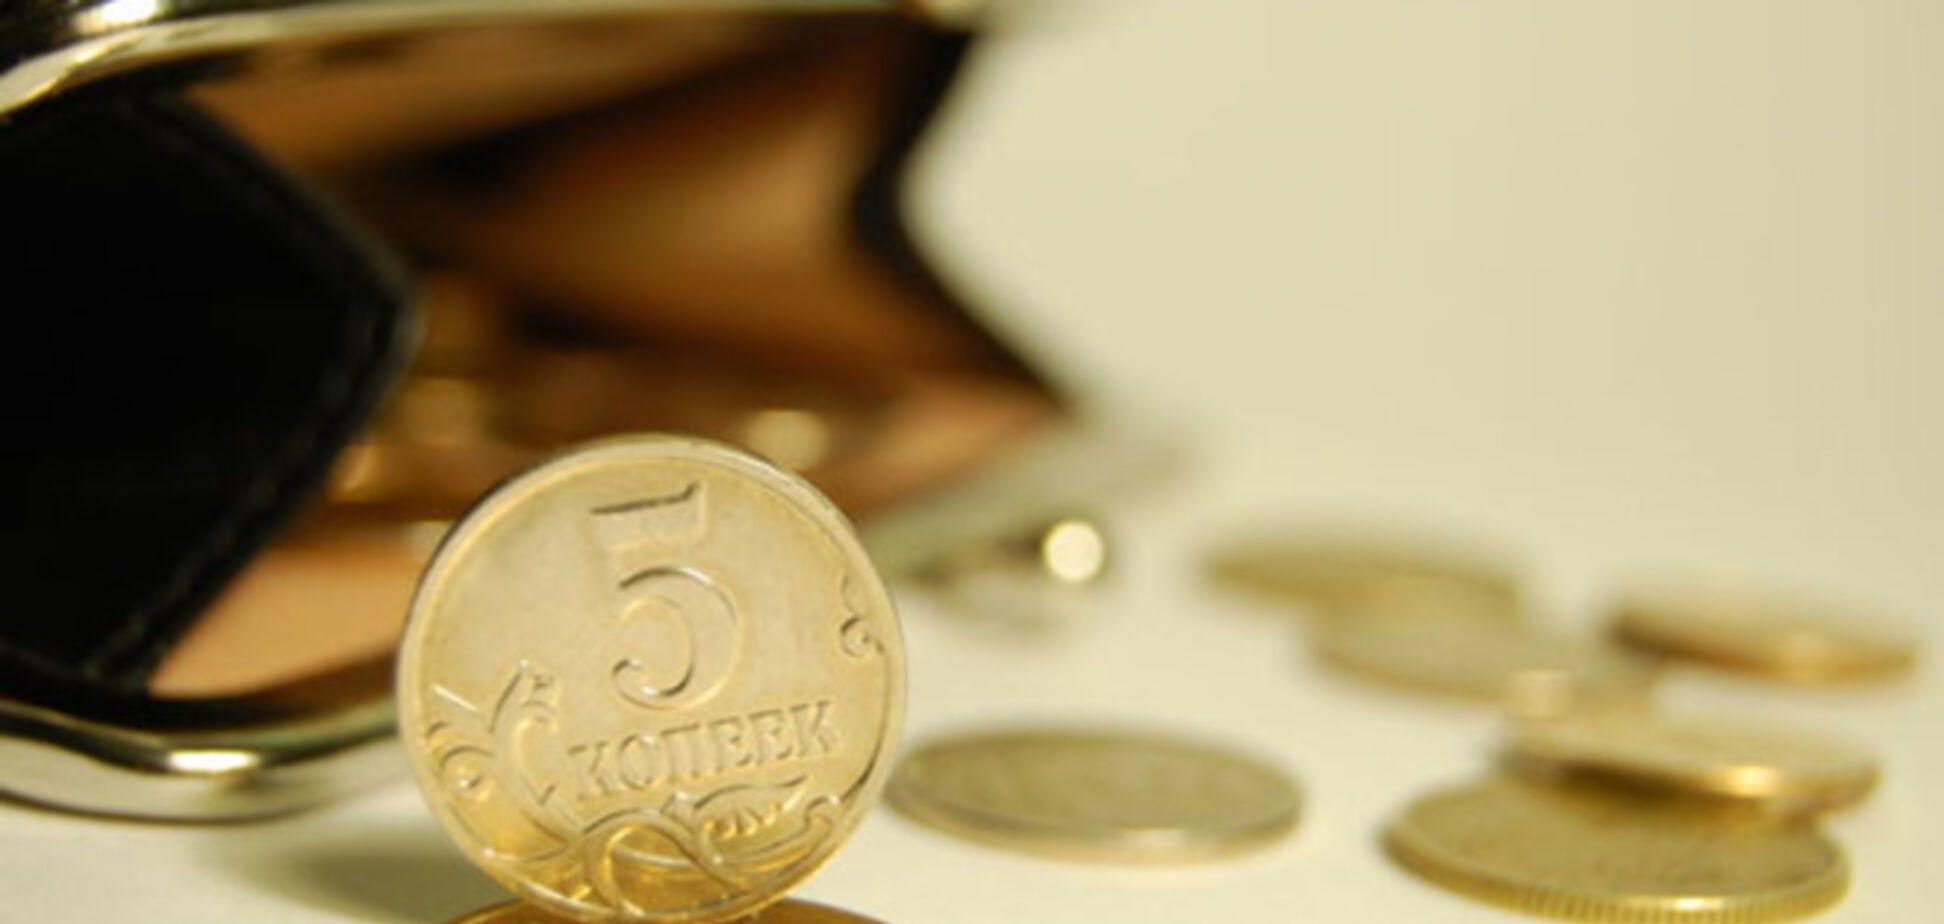 Інфляція в Росії досягла максимуму з 2008 року